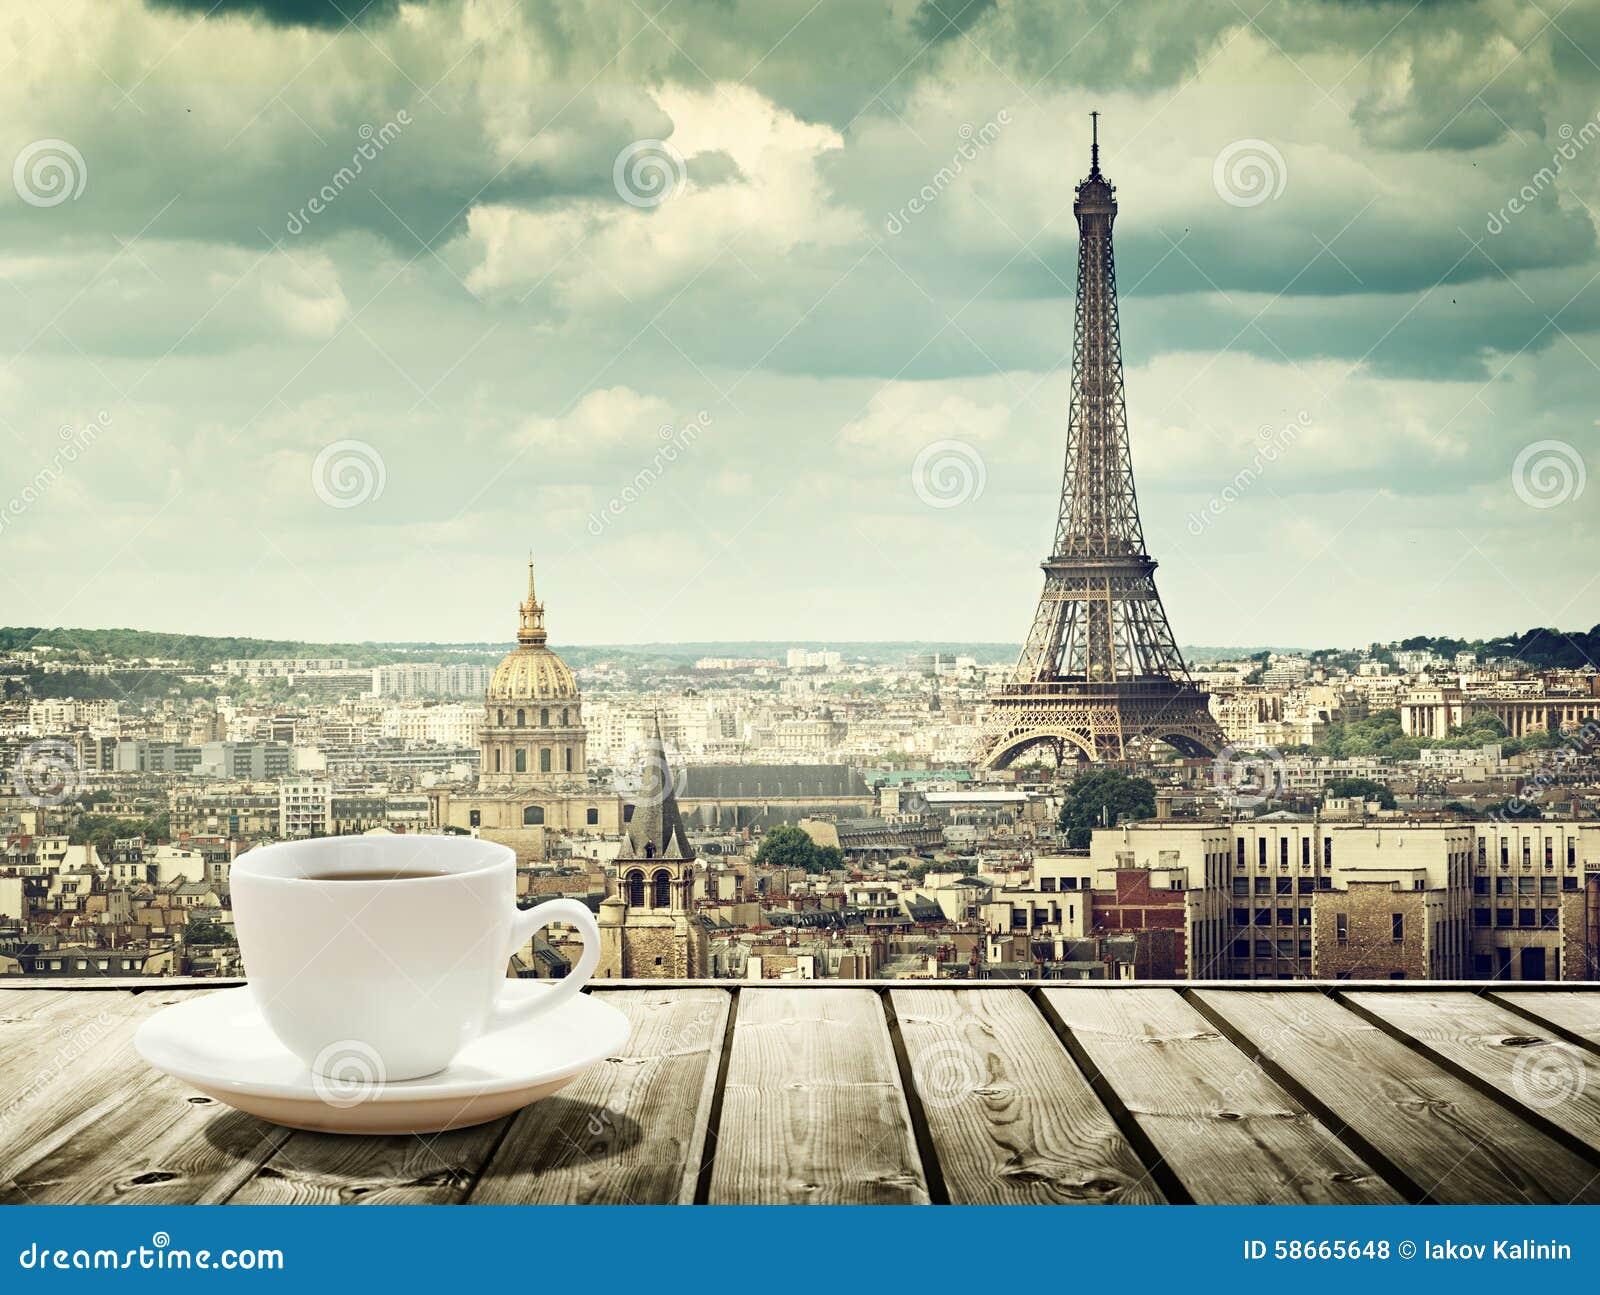 Eiffel tower hd wallpaper download loft wallpapers eiffel tower hd wallpaper download voltagebd Gallery